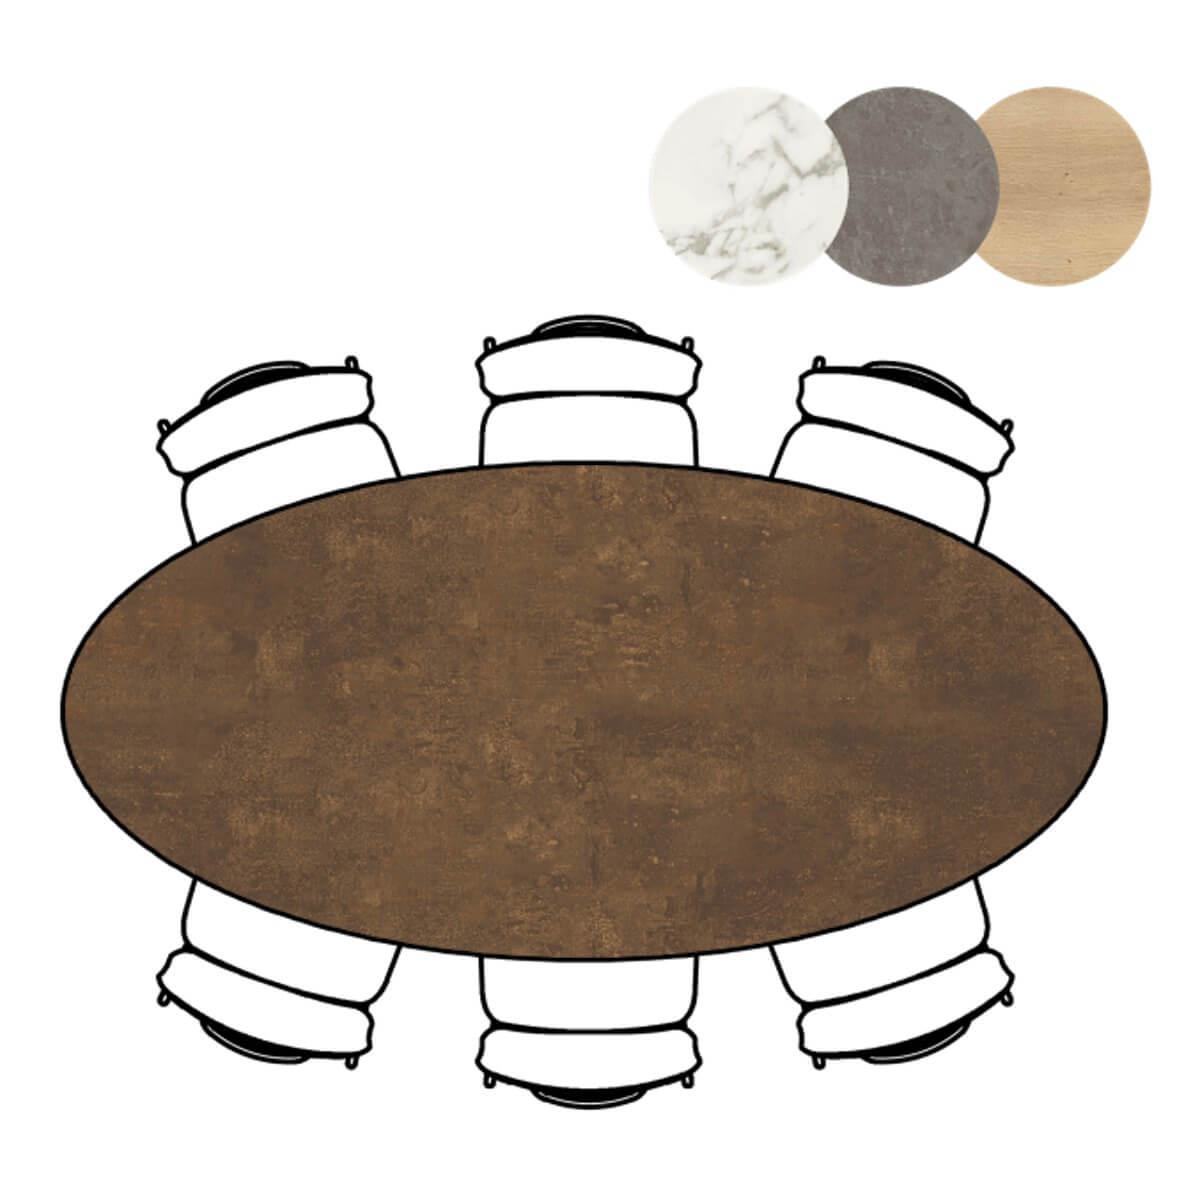 Table ovale 105x220cm MASURA Xooon rouille